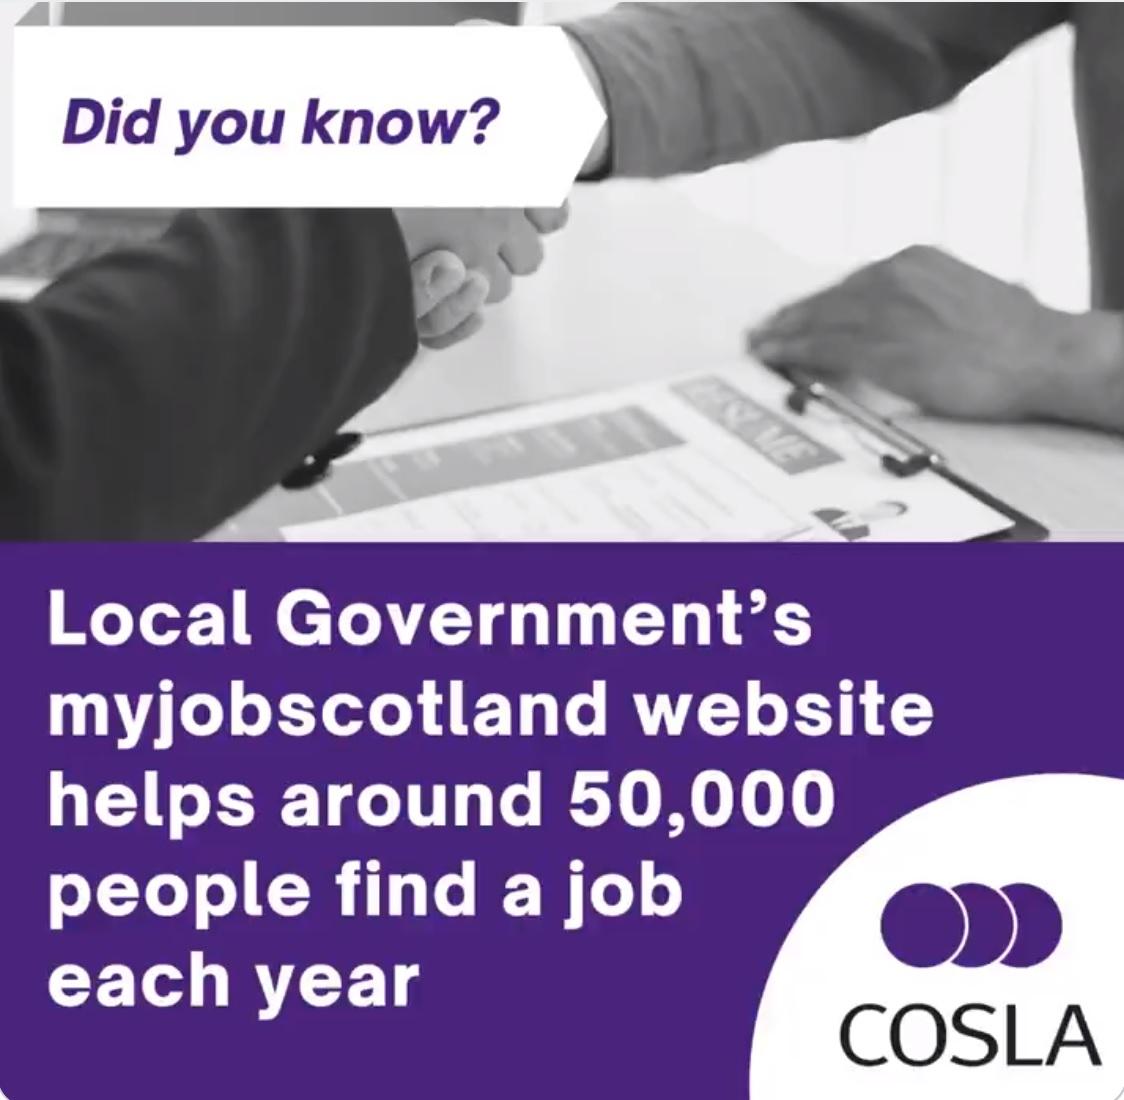 myjobscotland helps 50k people each year